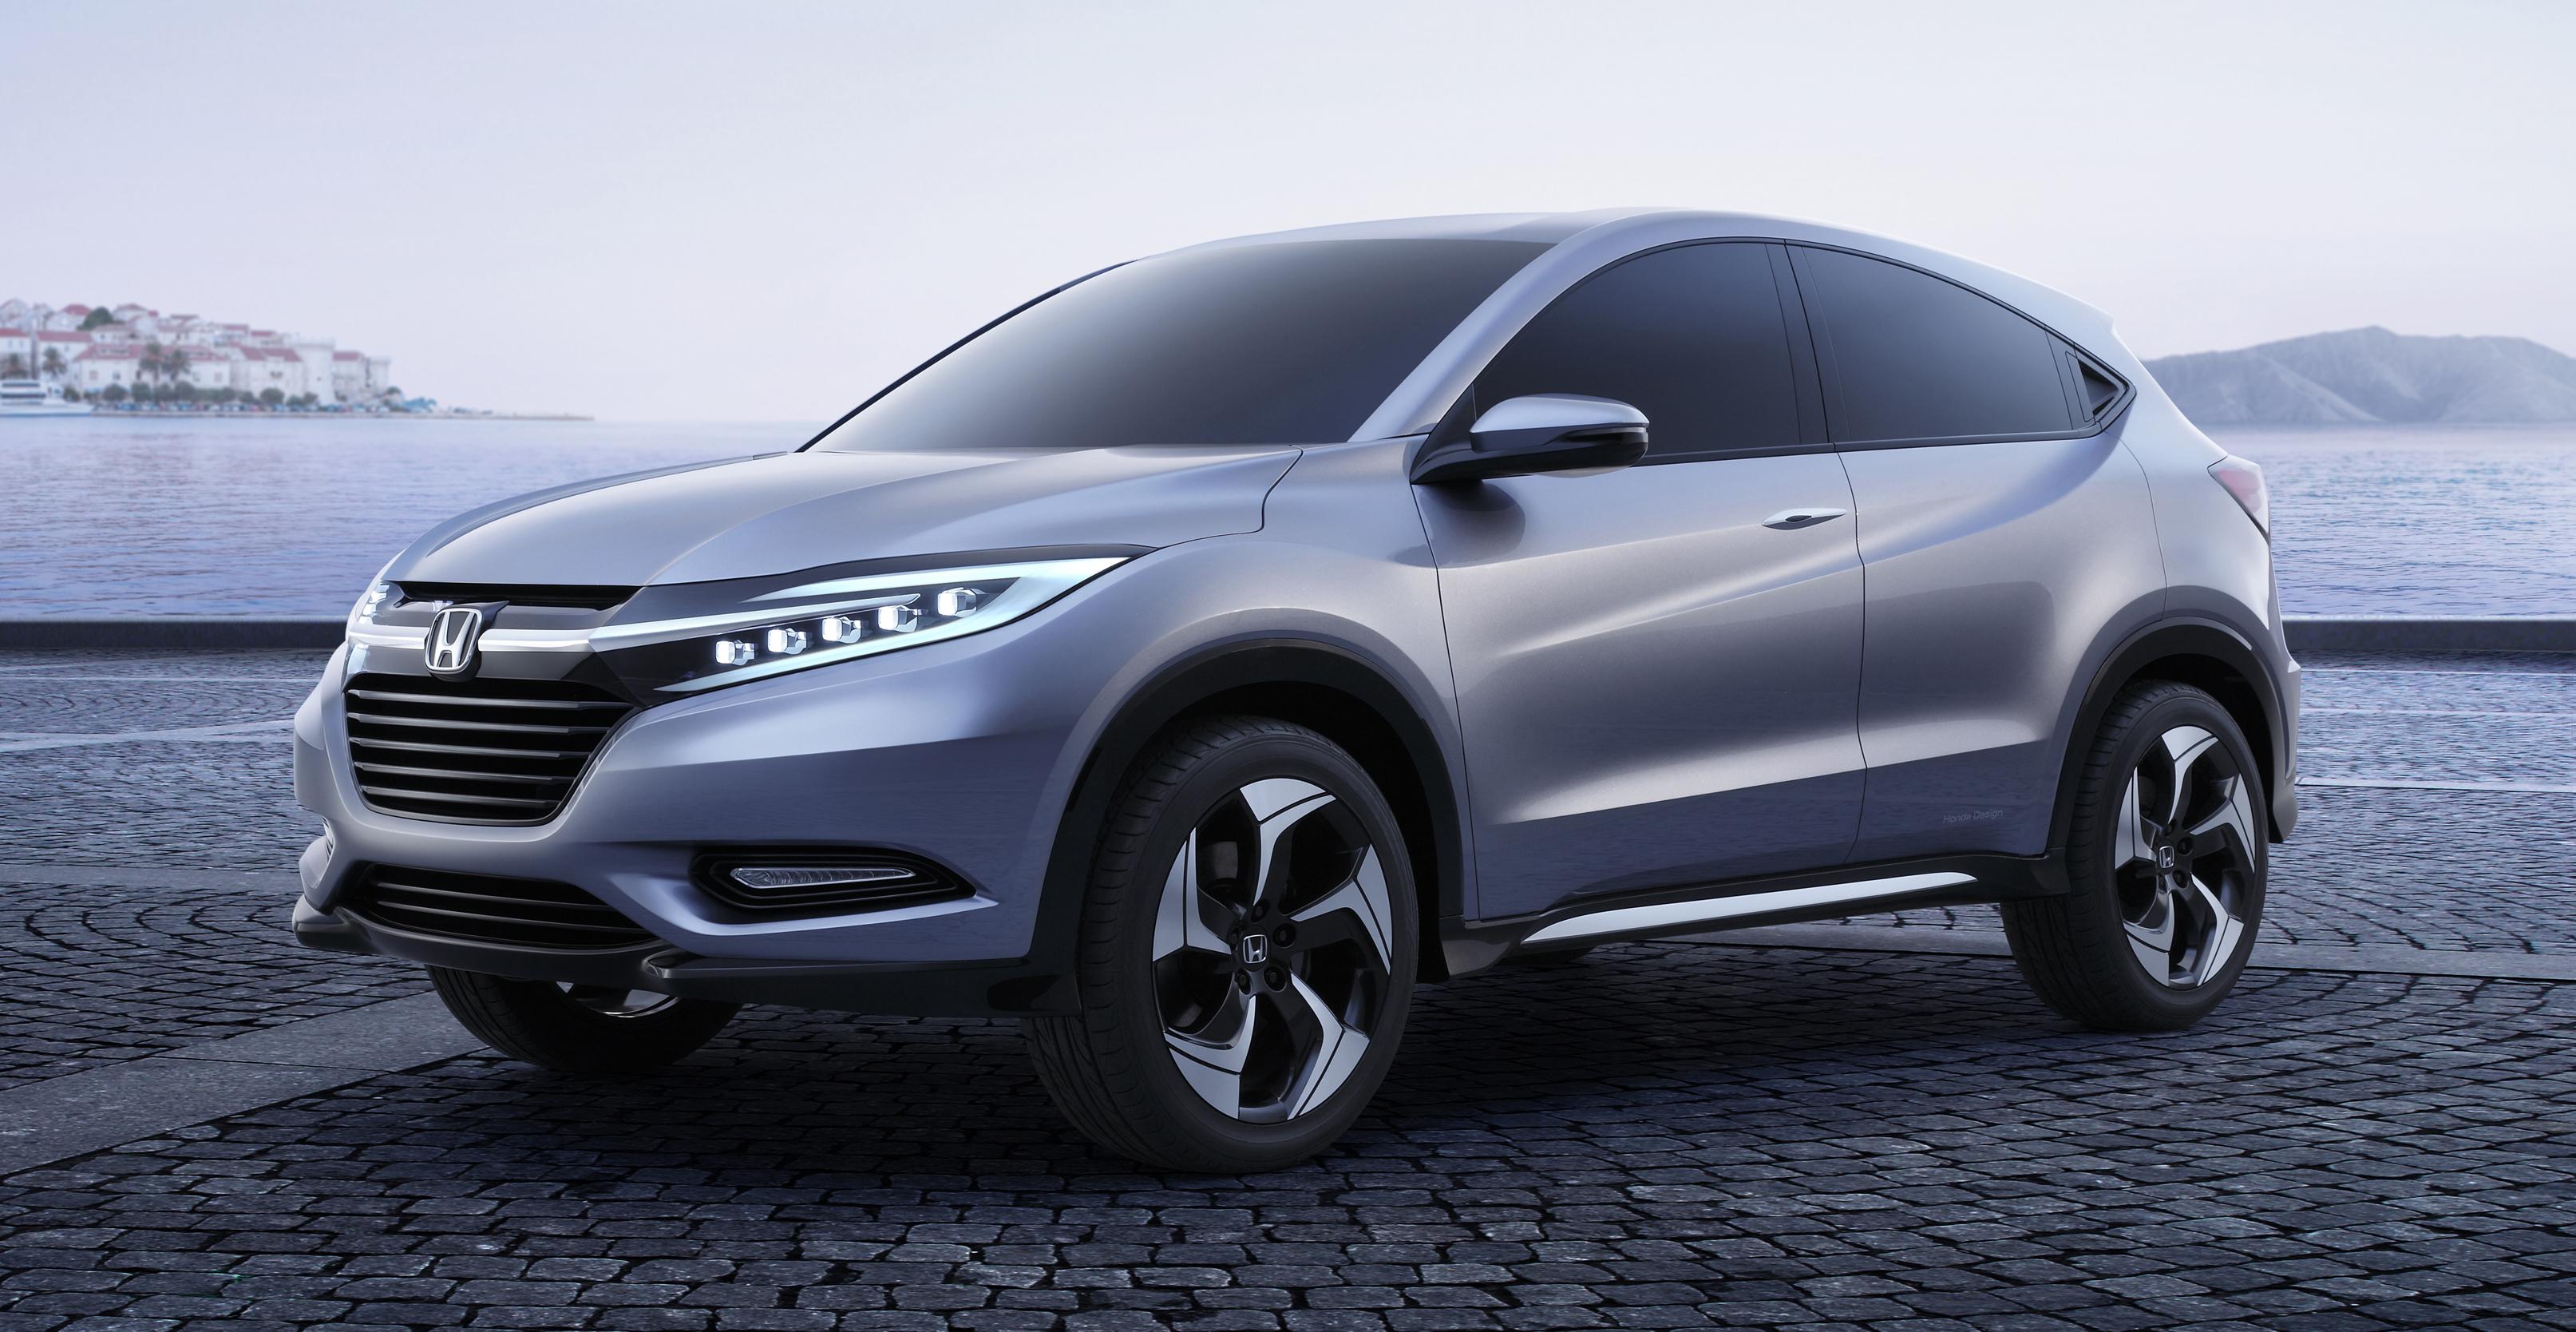 Honda SUV Concept Detroit 2013 3